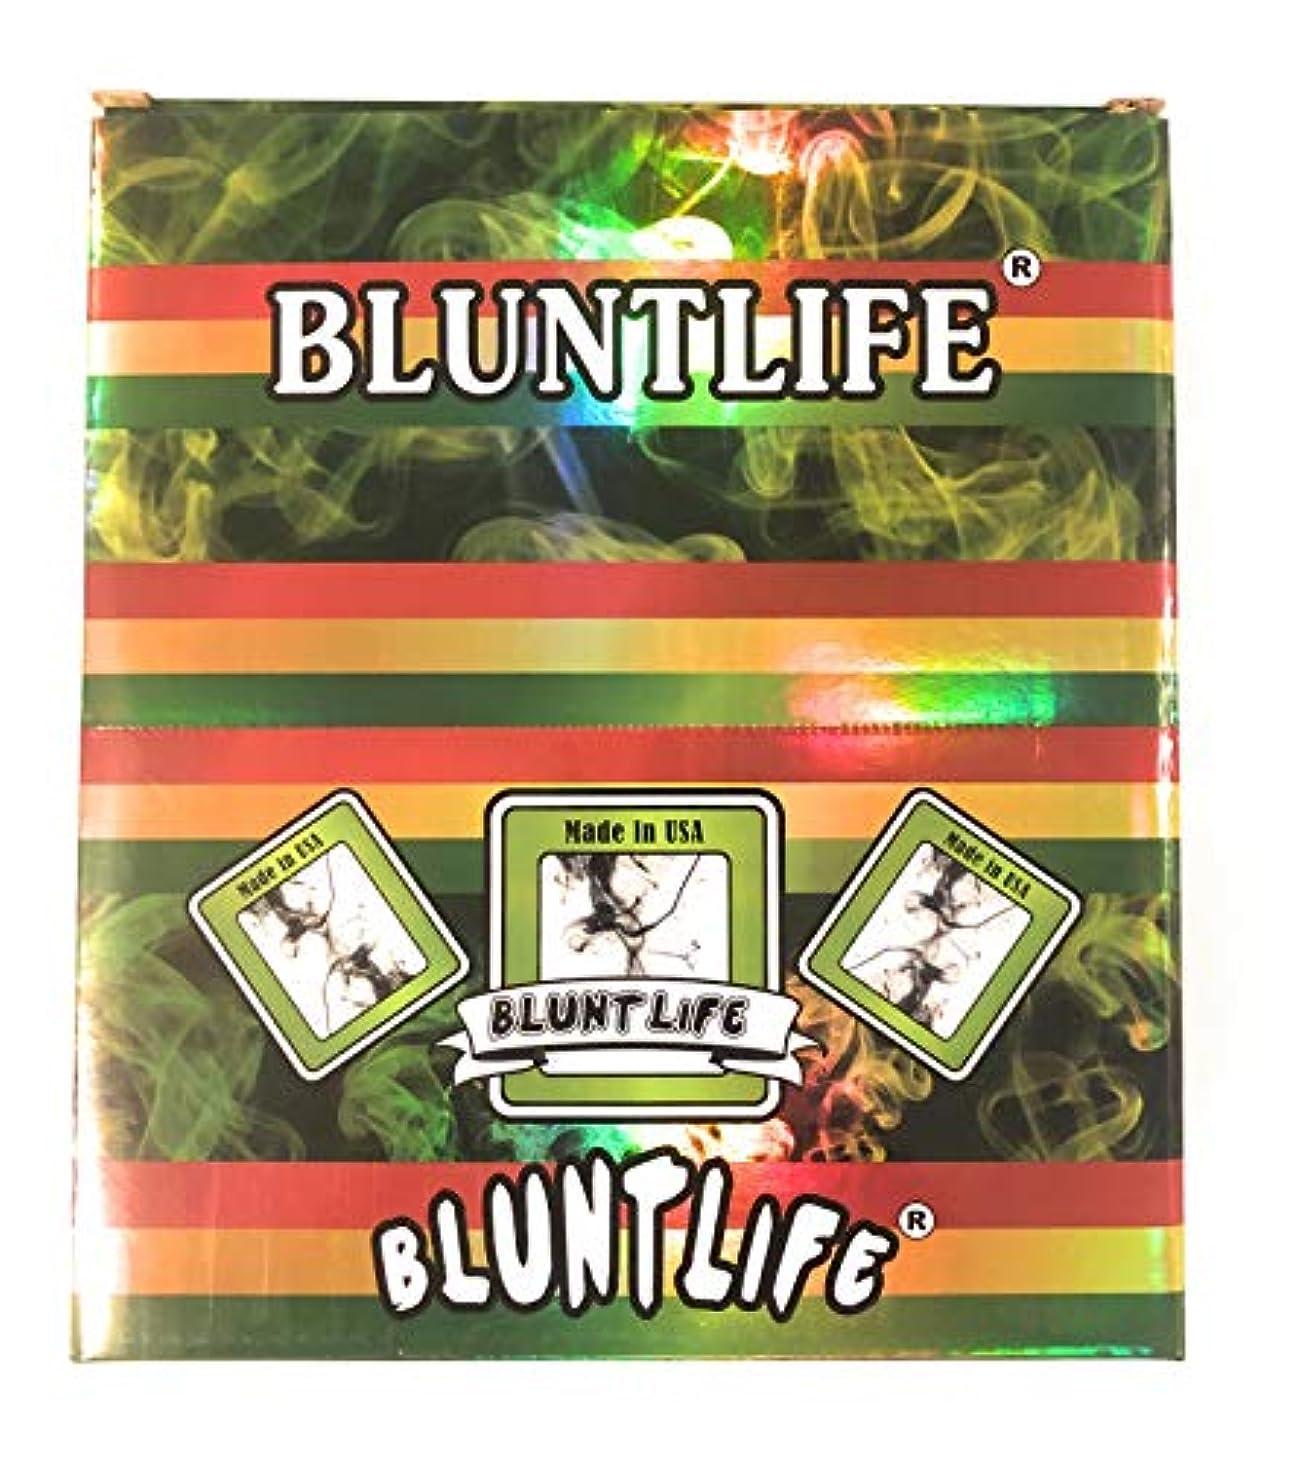 満足航空ウェイター864 Incense Sticks Bulk Bluntlife Hand-dipped Incense Perfume Wands Display 12-72 Count Assorted